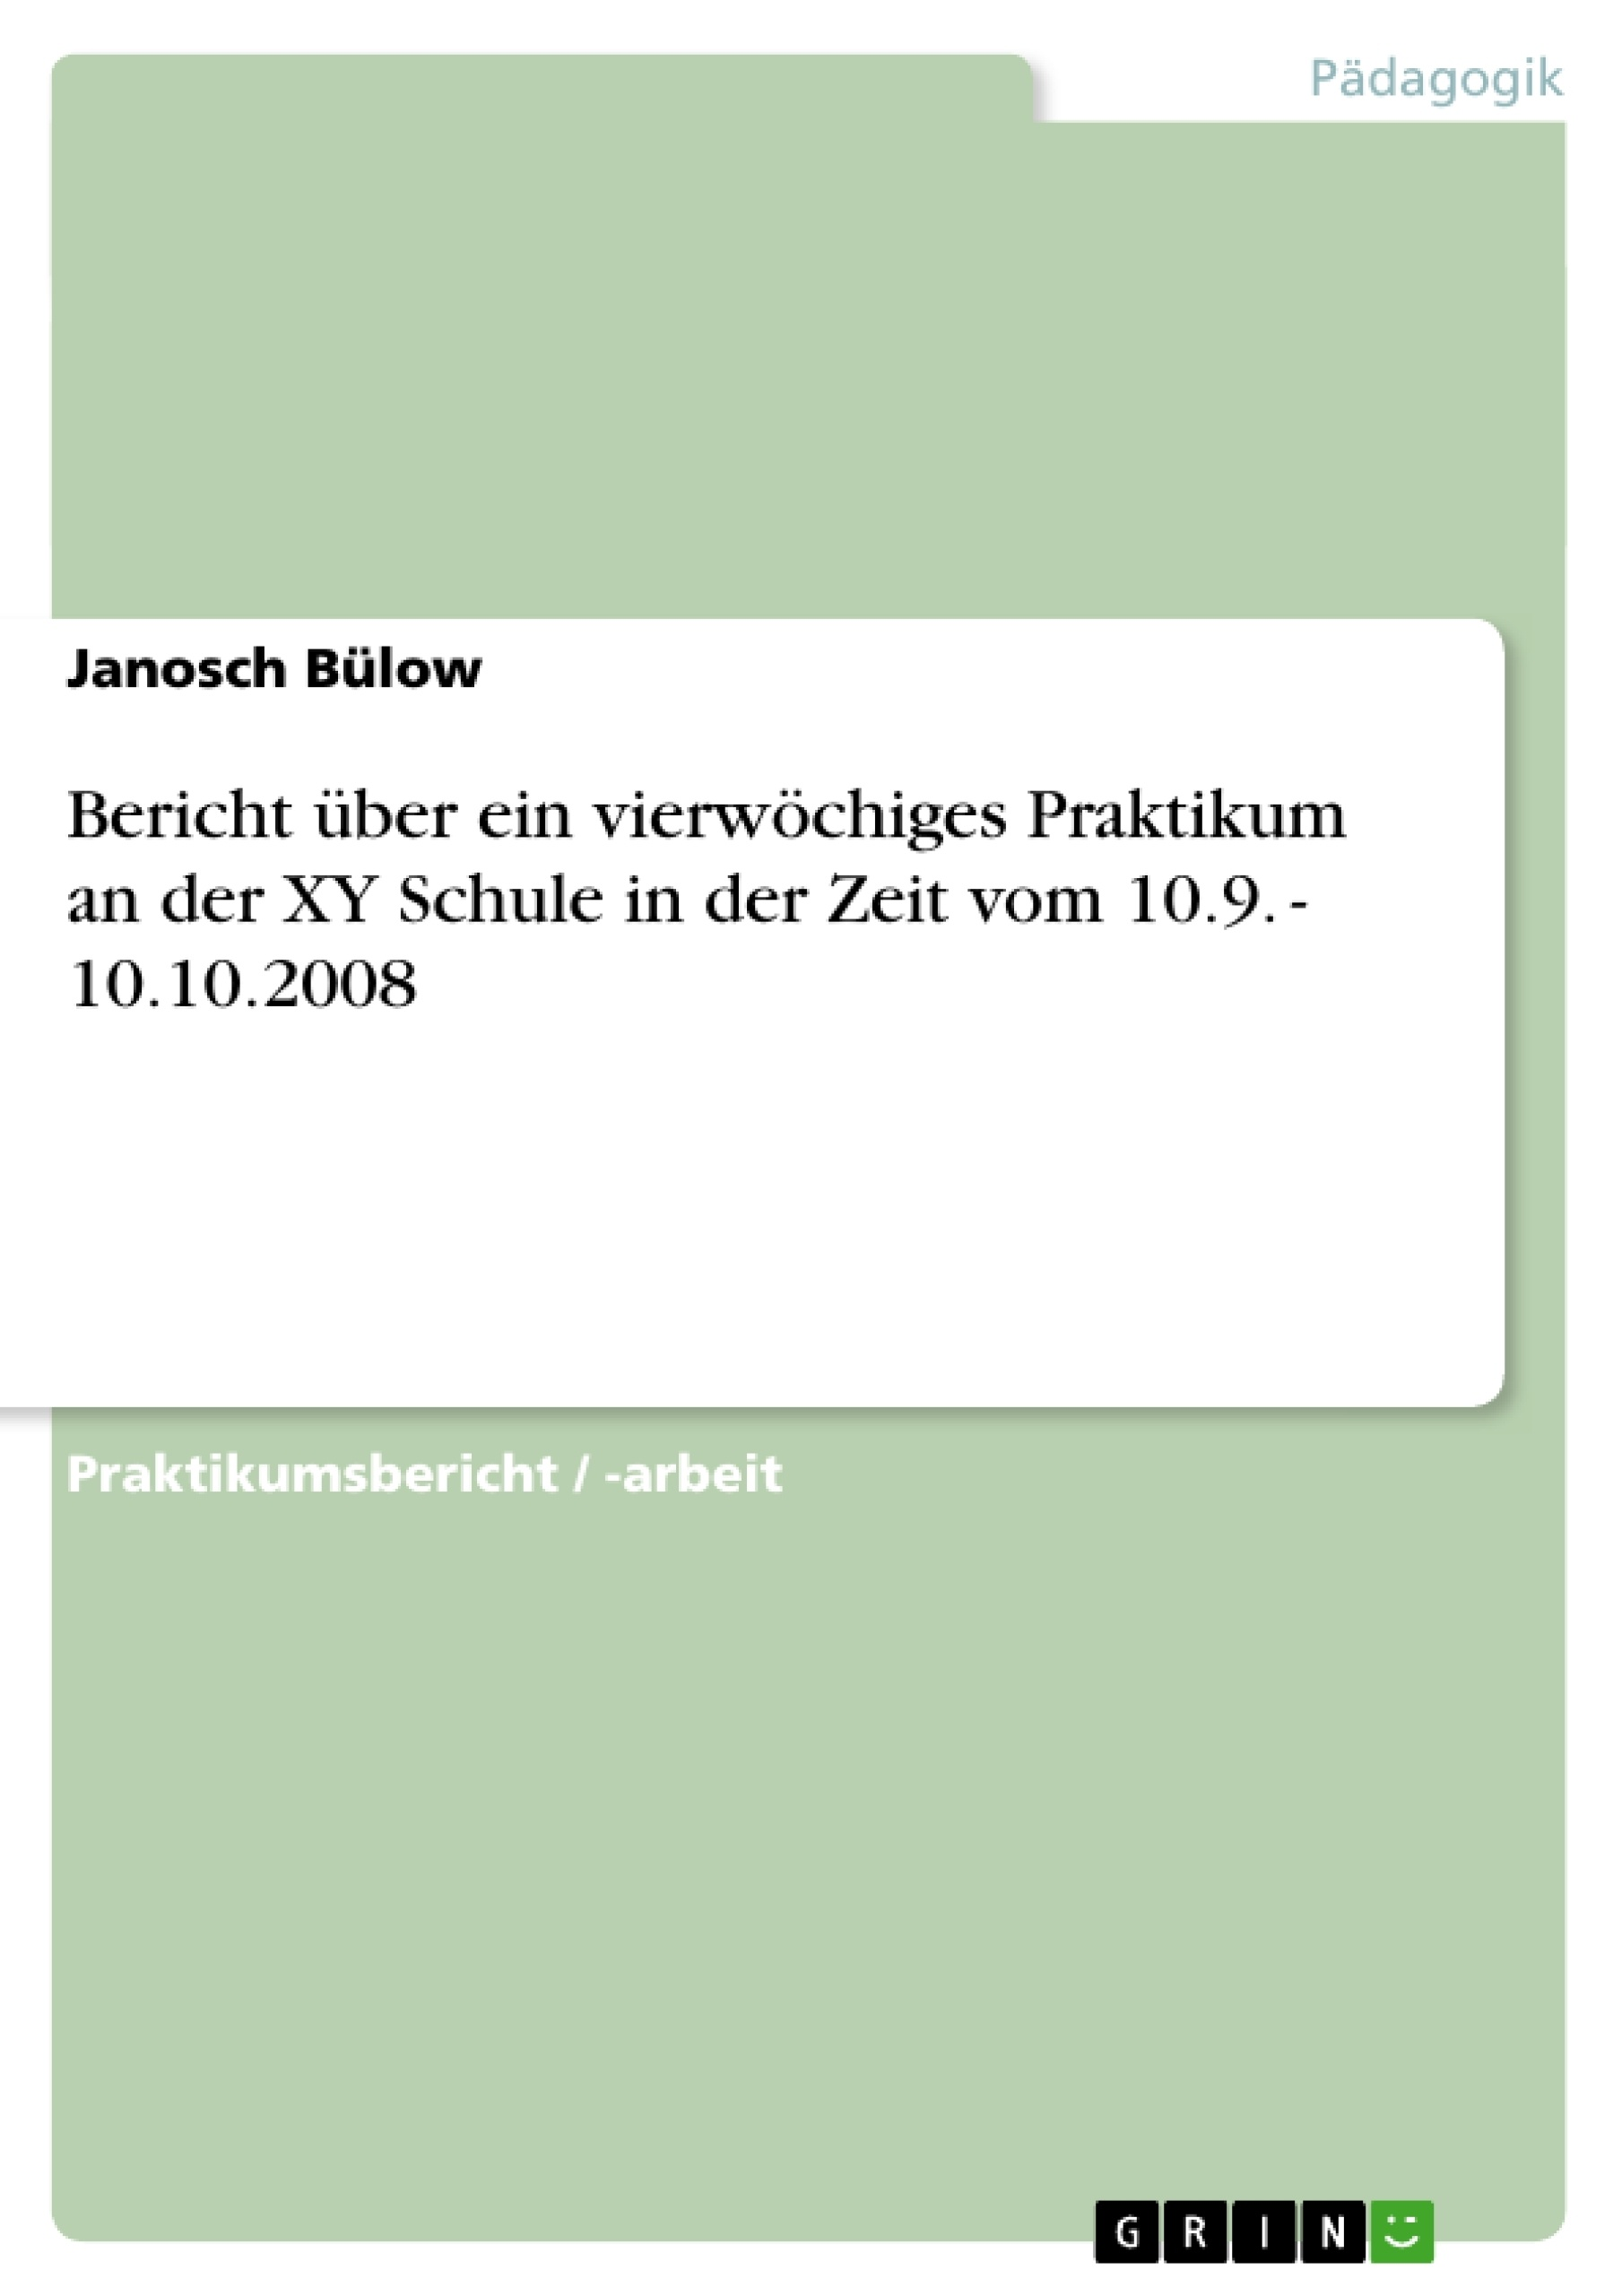 Titel: Bericht über ein vierwöchiges Praktikum an der XY Schule in der Zeit vom 10.9. - 10.10.2008